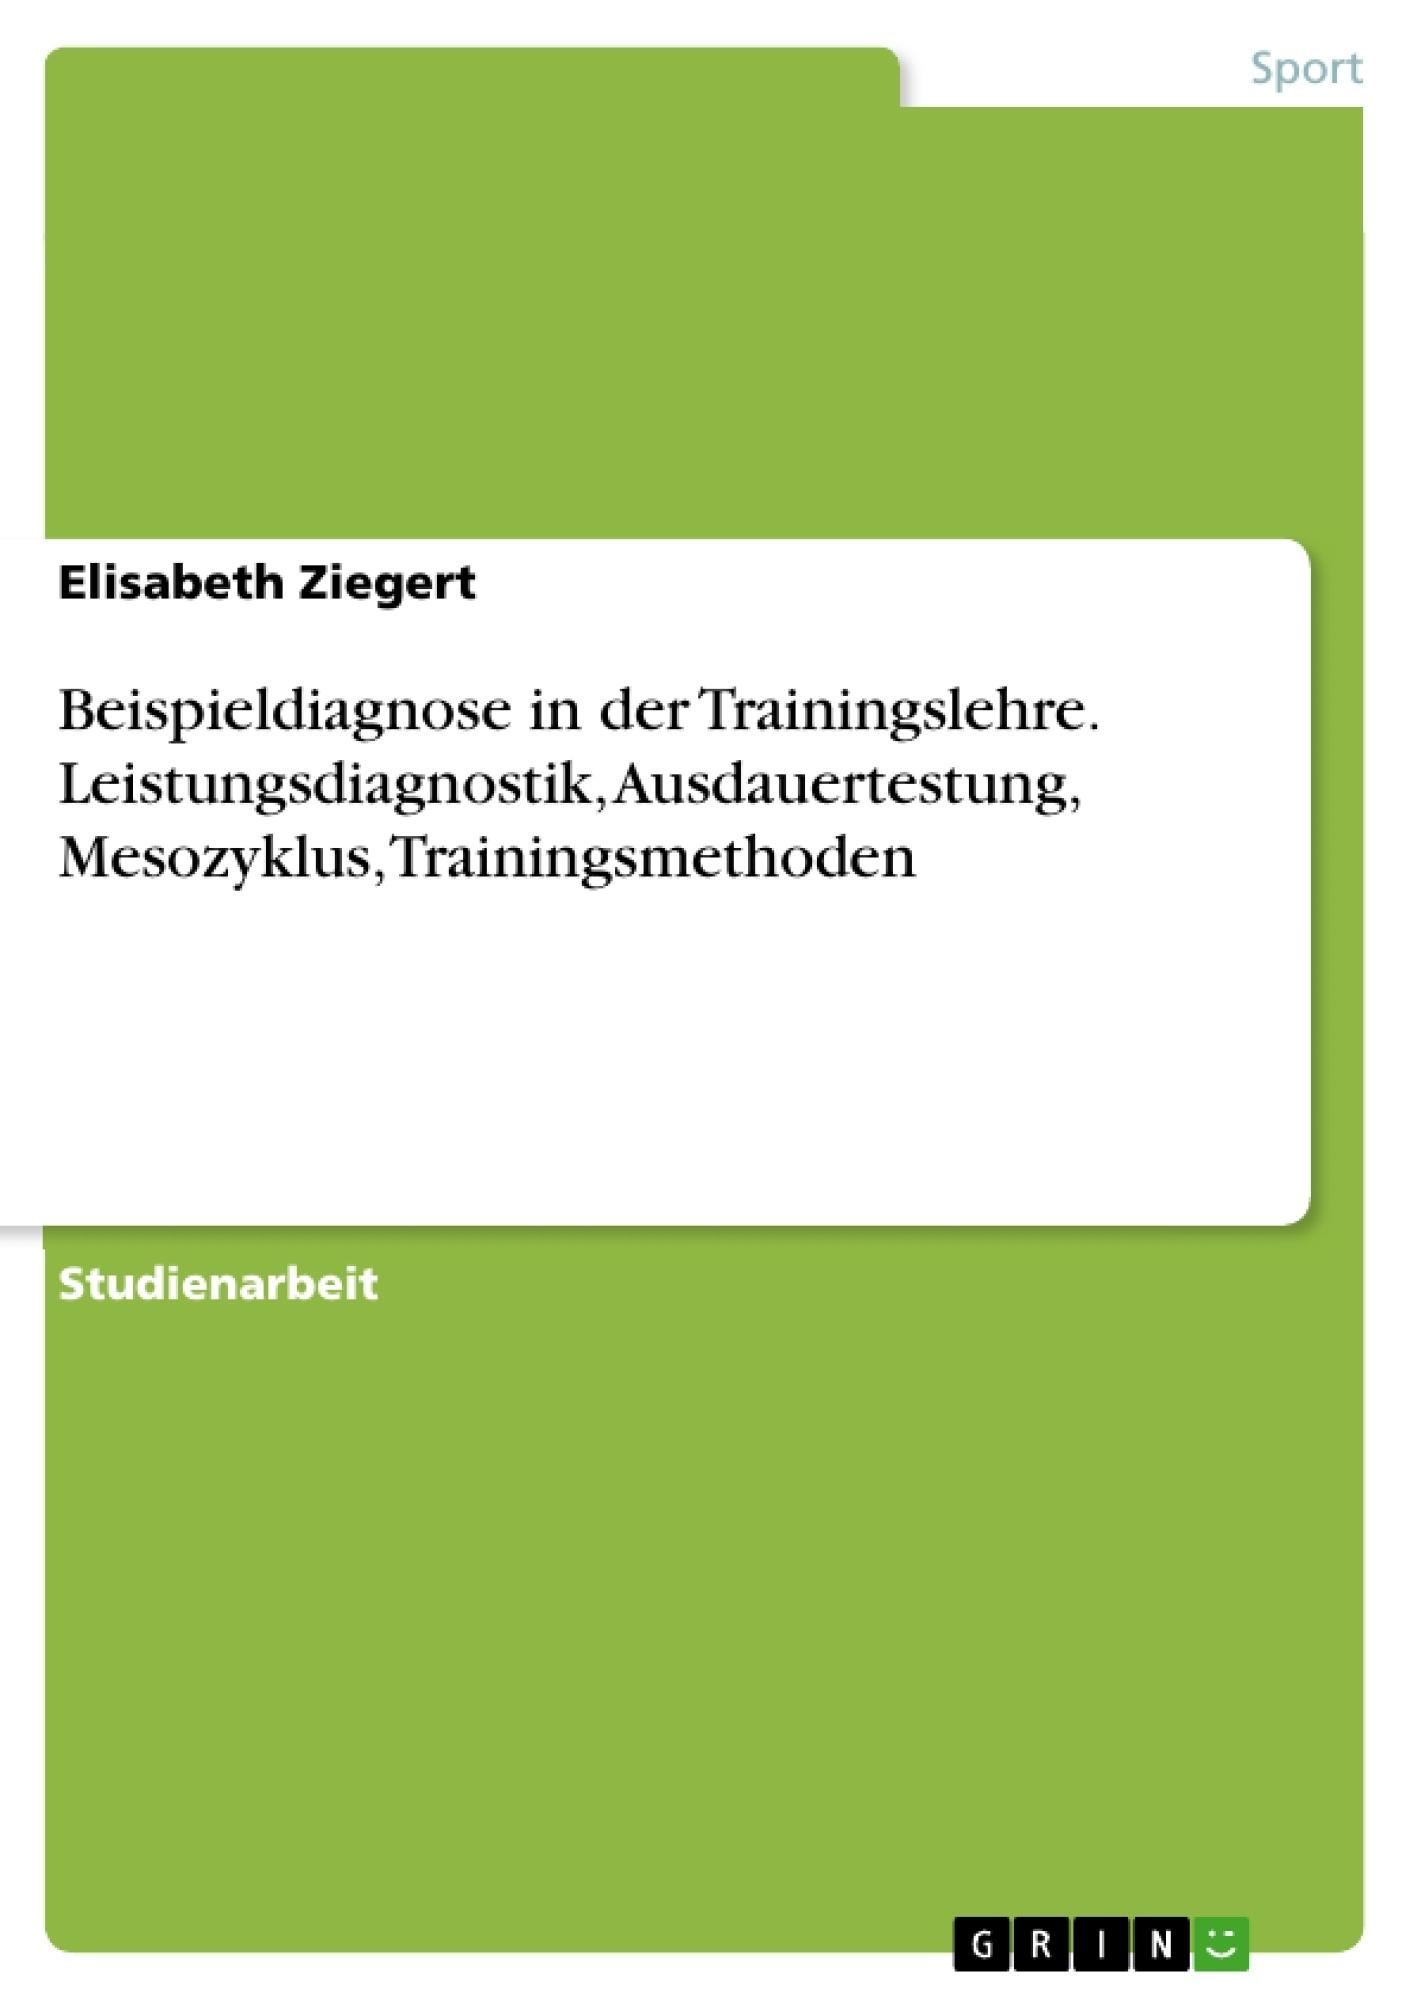 Titel: Beispieldiagnose in der Trainingslehre. Leistungsdiagnostik, Ausdauertestung, Mesozyklus, Trainingsmethoden